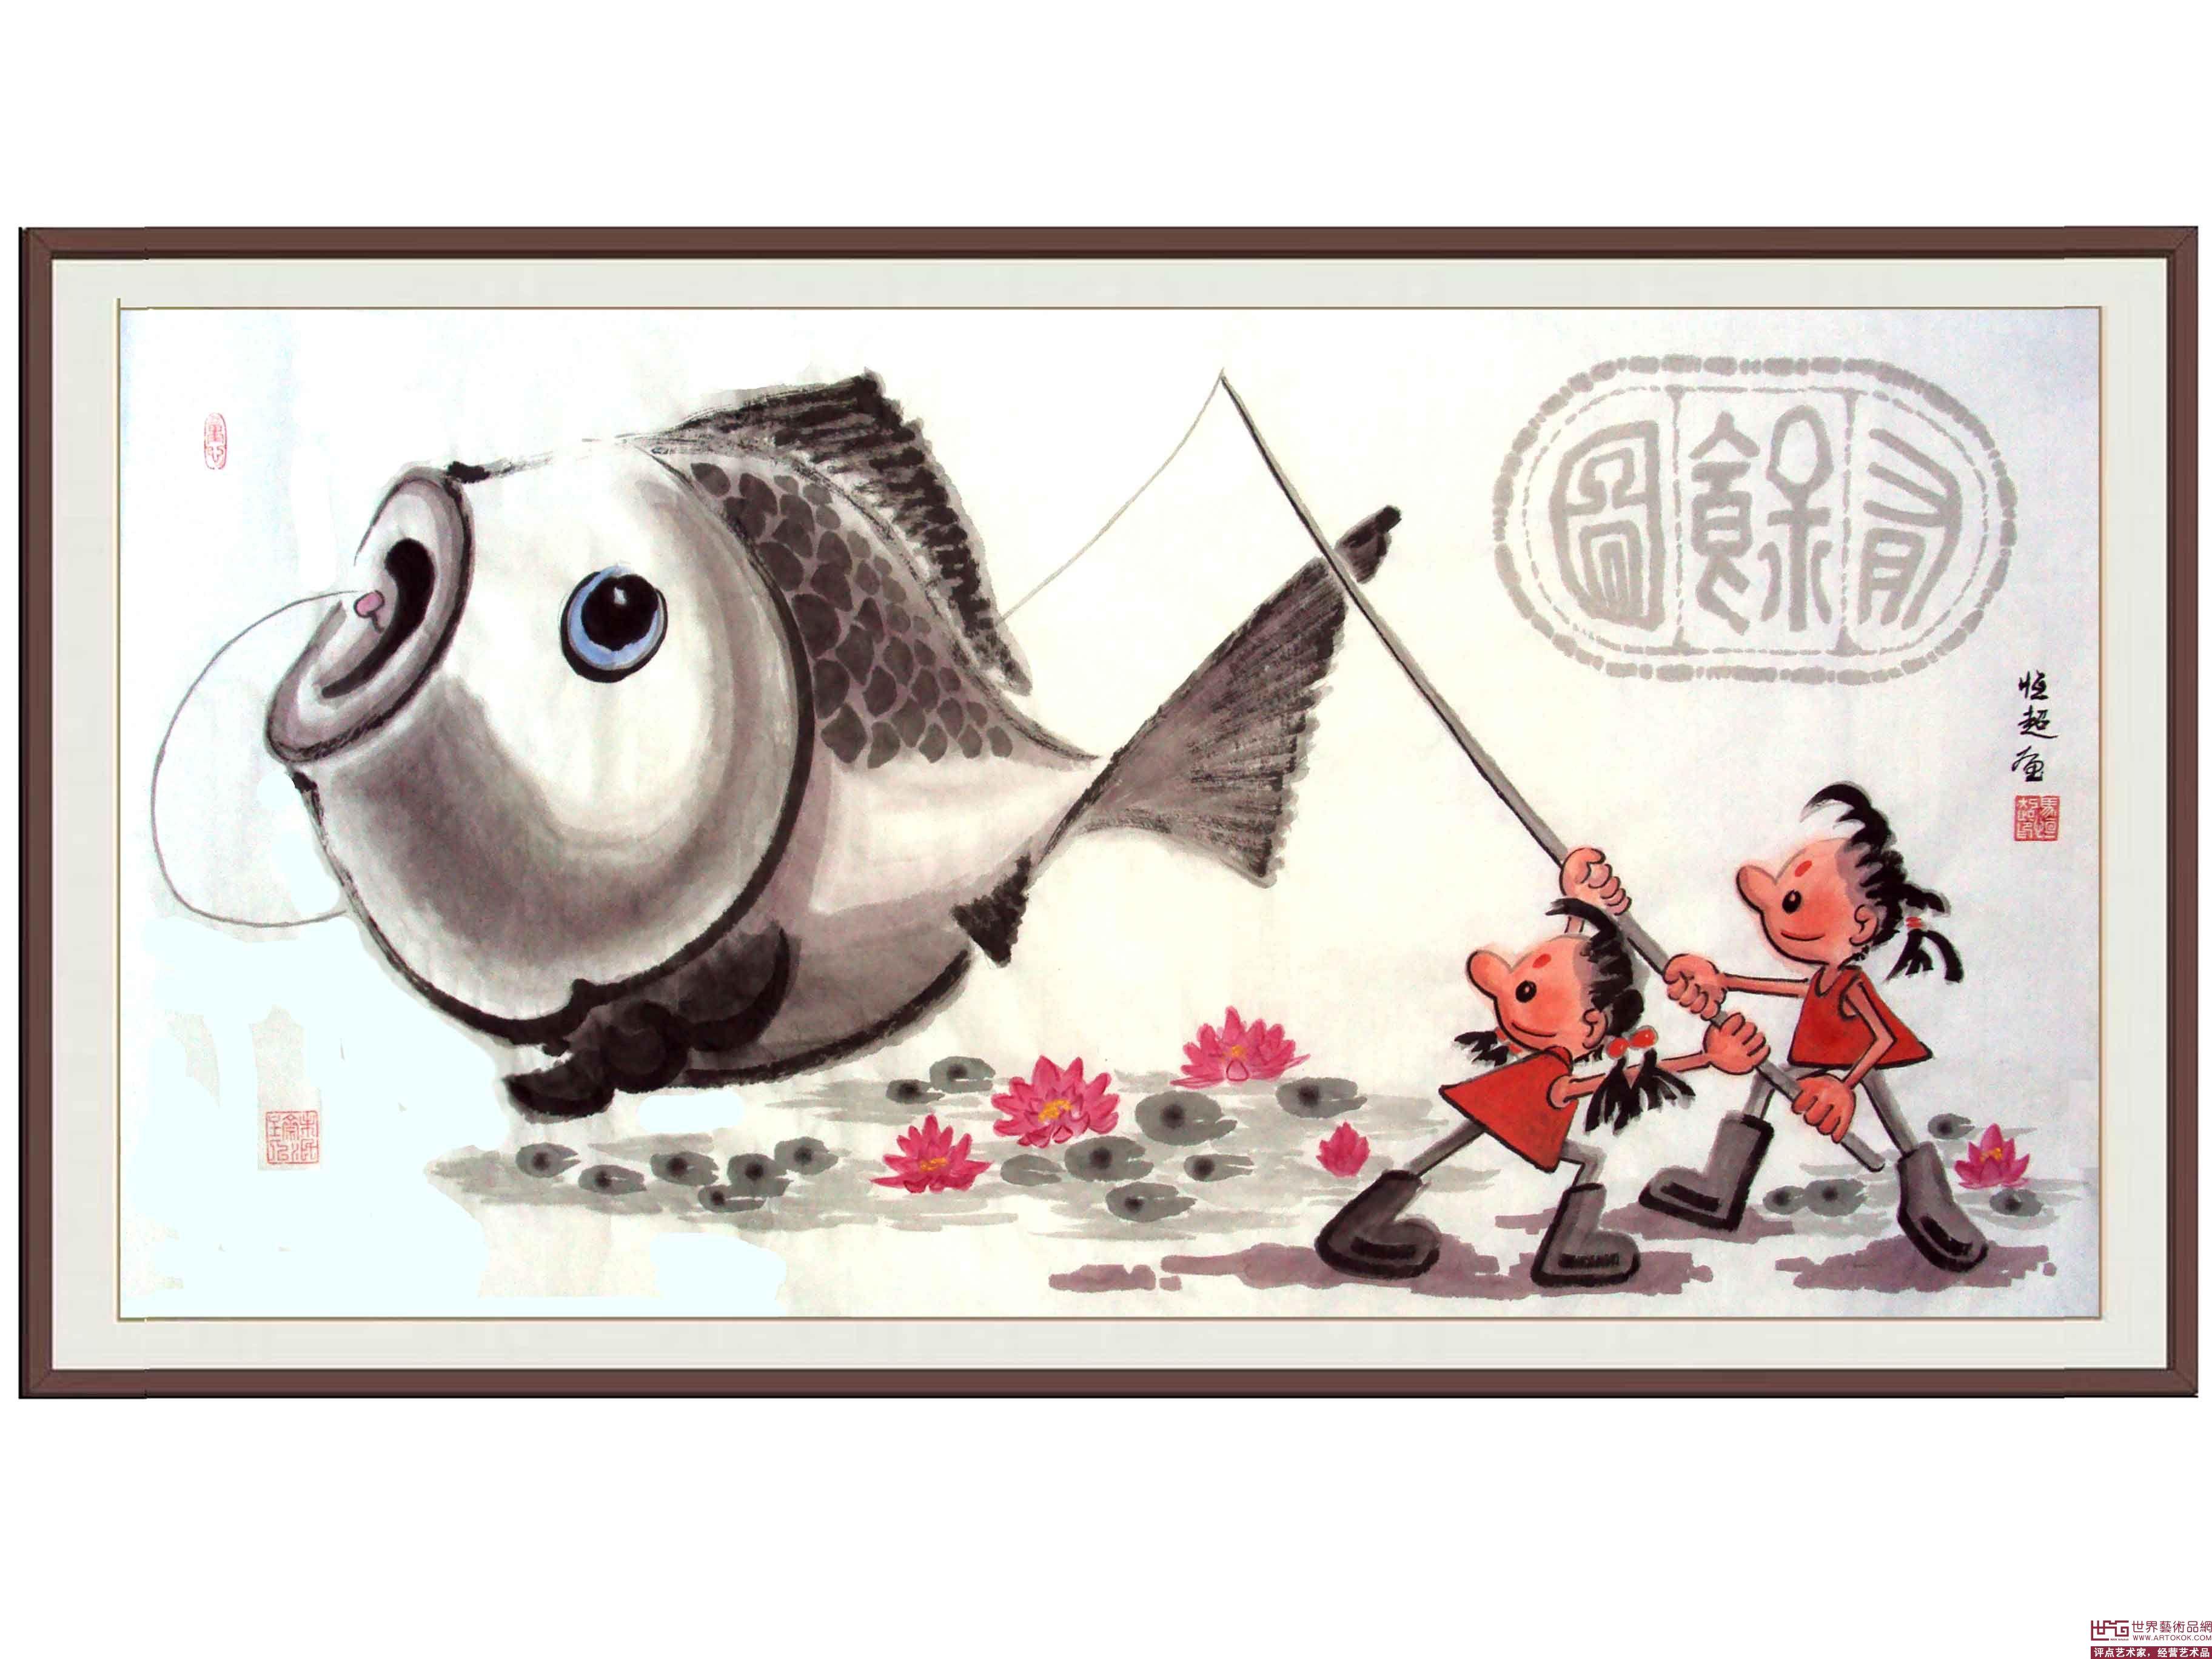 """马恒超,男,1952年生,江苏镇江人,专业漫画手。现为镇江市美术家协会驻会画家,江苏省美术家协会会员,省民间文艺家协会会员,曾任省漫画协会理事。创作漫画达万张,已在全国百家报刊发表千幅作品,有漫作入选国内外展赛。(自我宣传推广口号是""""万张漫画,千幅发表,百家刊载,十个系列。)"""